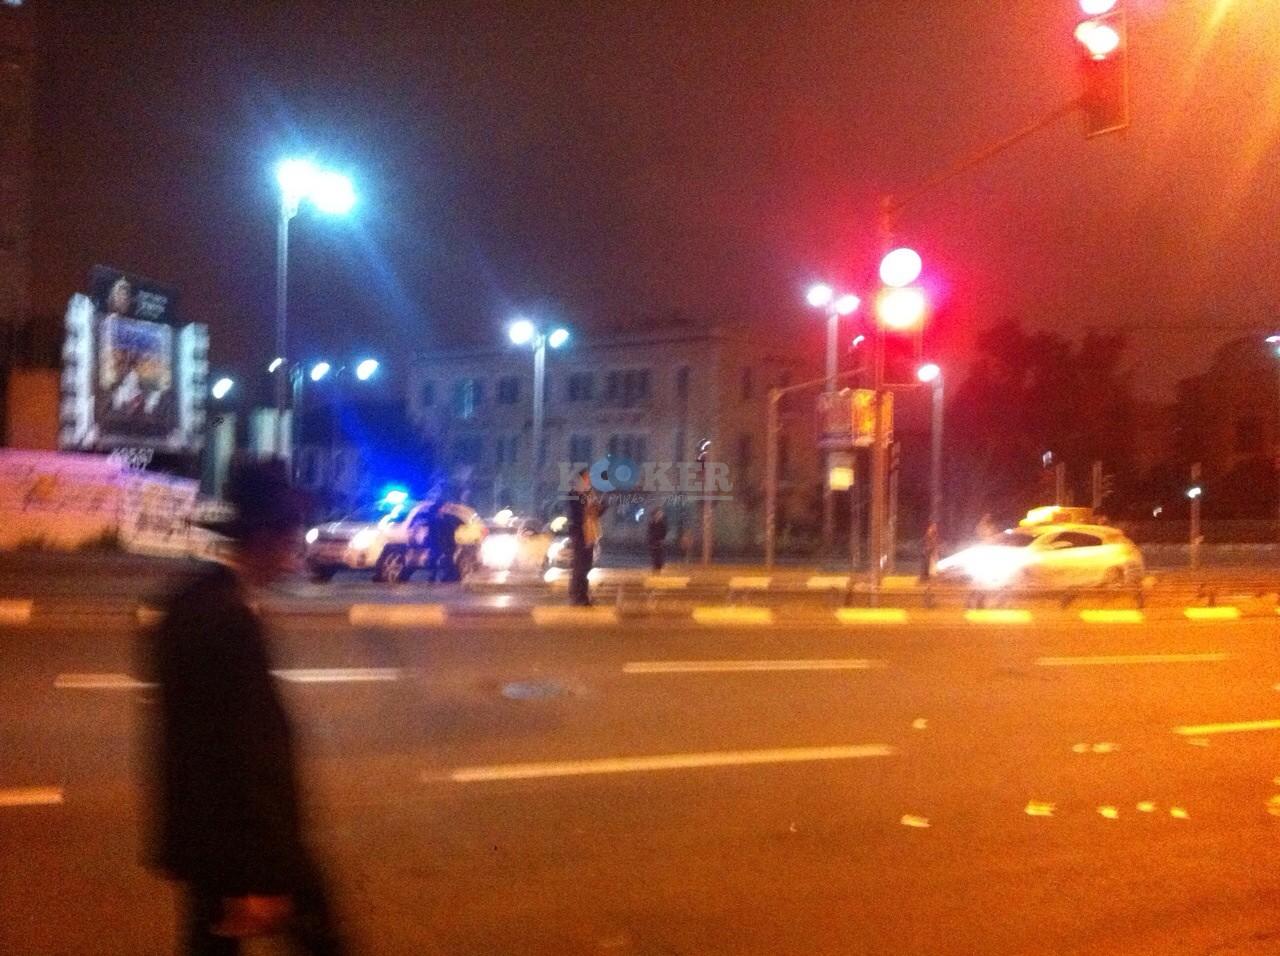 הפגנה נגד אמנון יצחק צילם חיים פביאן - סוכנות הידיעות חדשות 24 (7)